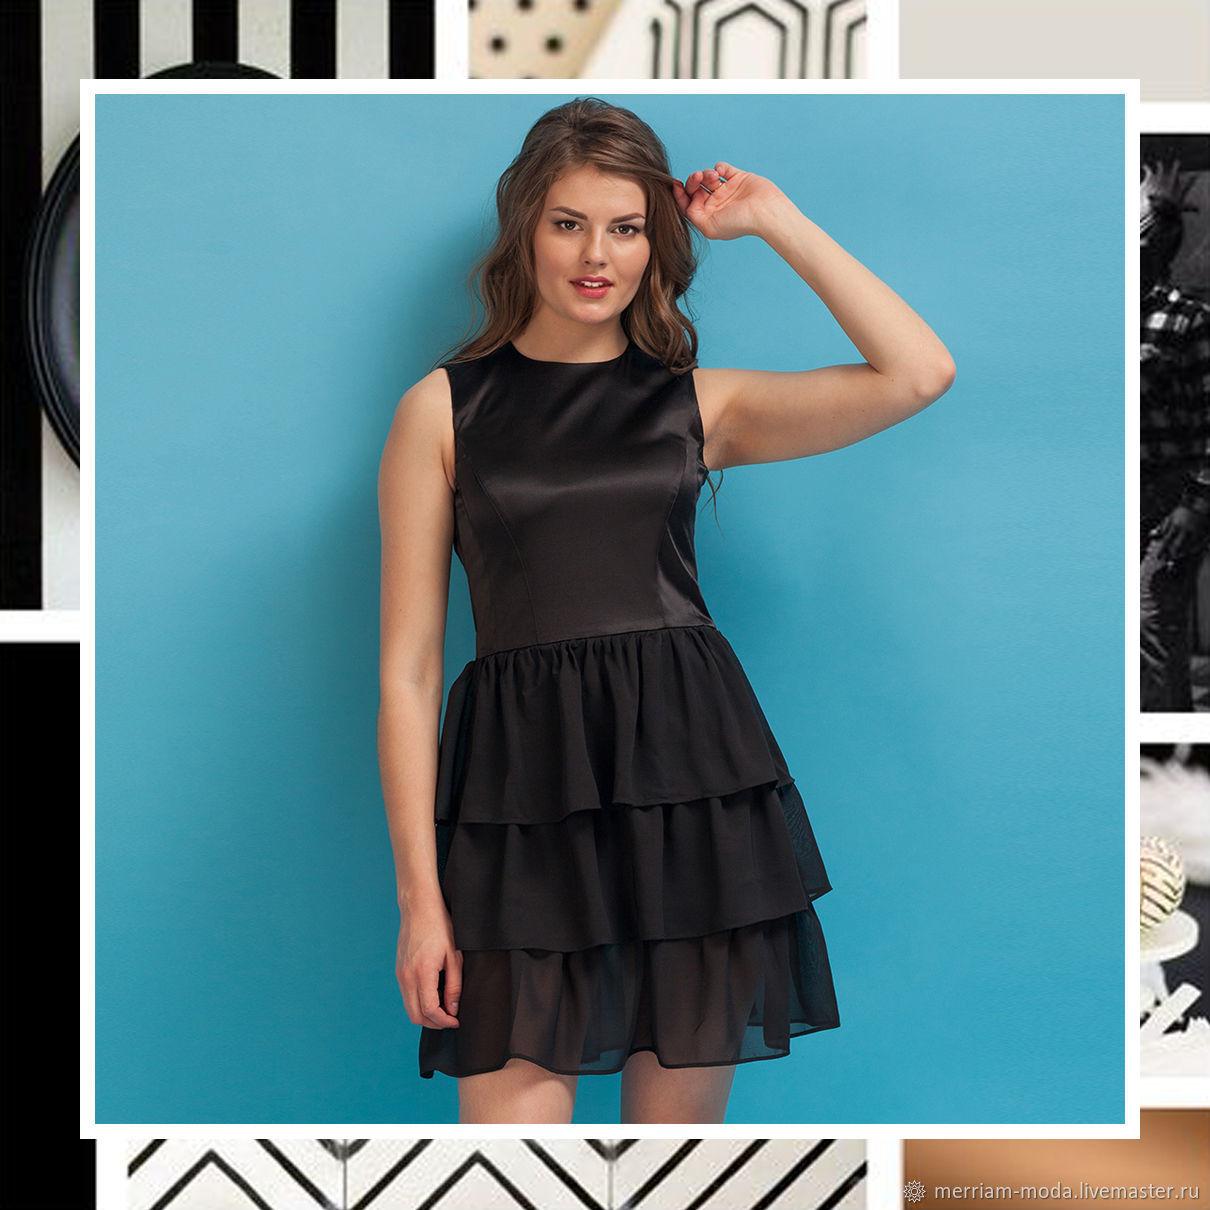 """Платья ручной работы. Ярмарка Мастеров - ручная работа. Купить Платье """"Эмили"""". Handmade. Черный, платье для вечеринки, атлас стрейч"""